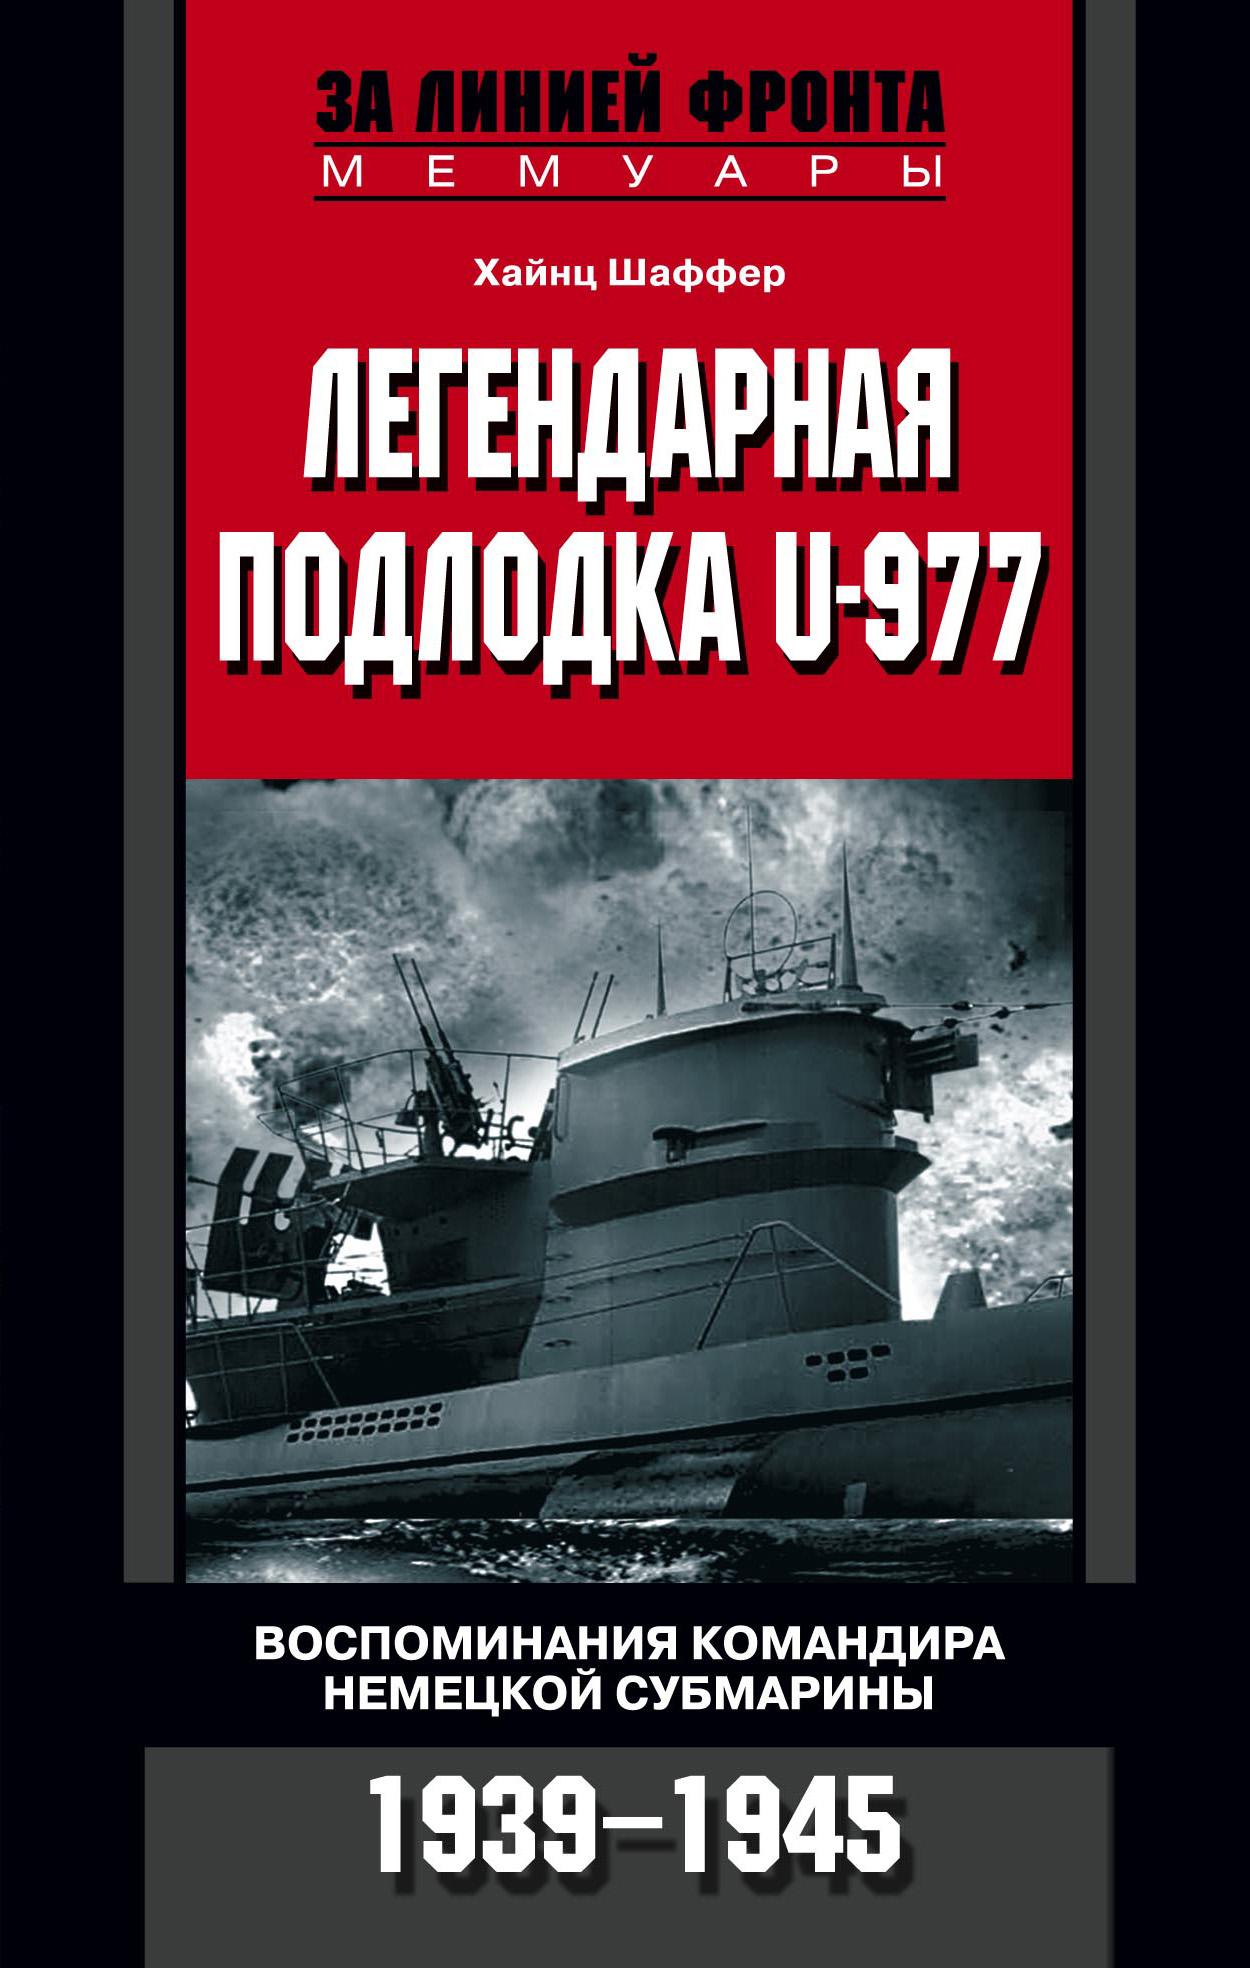 Хайнц Шаффер Легендарная подлодка U-977. Воспоминания командира немецкой субмарины. 1939–1945 цена 2017